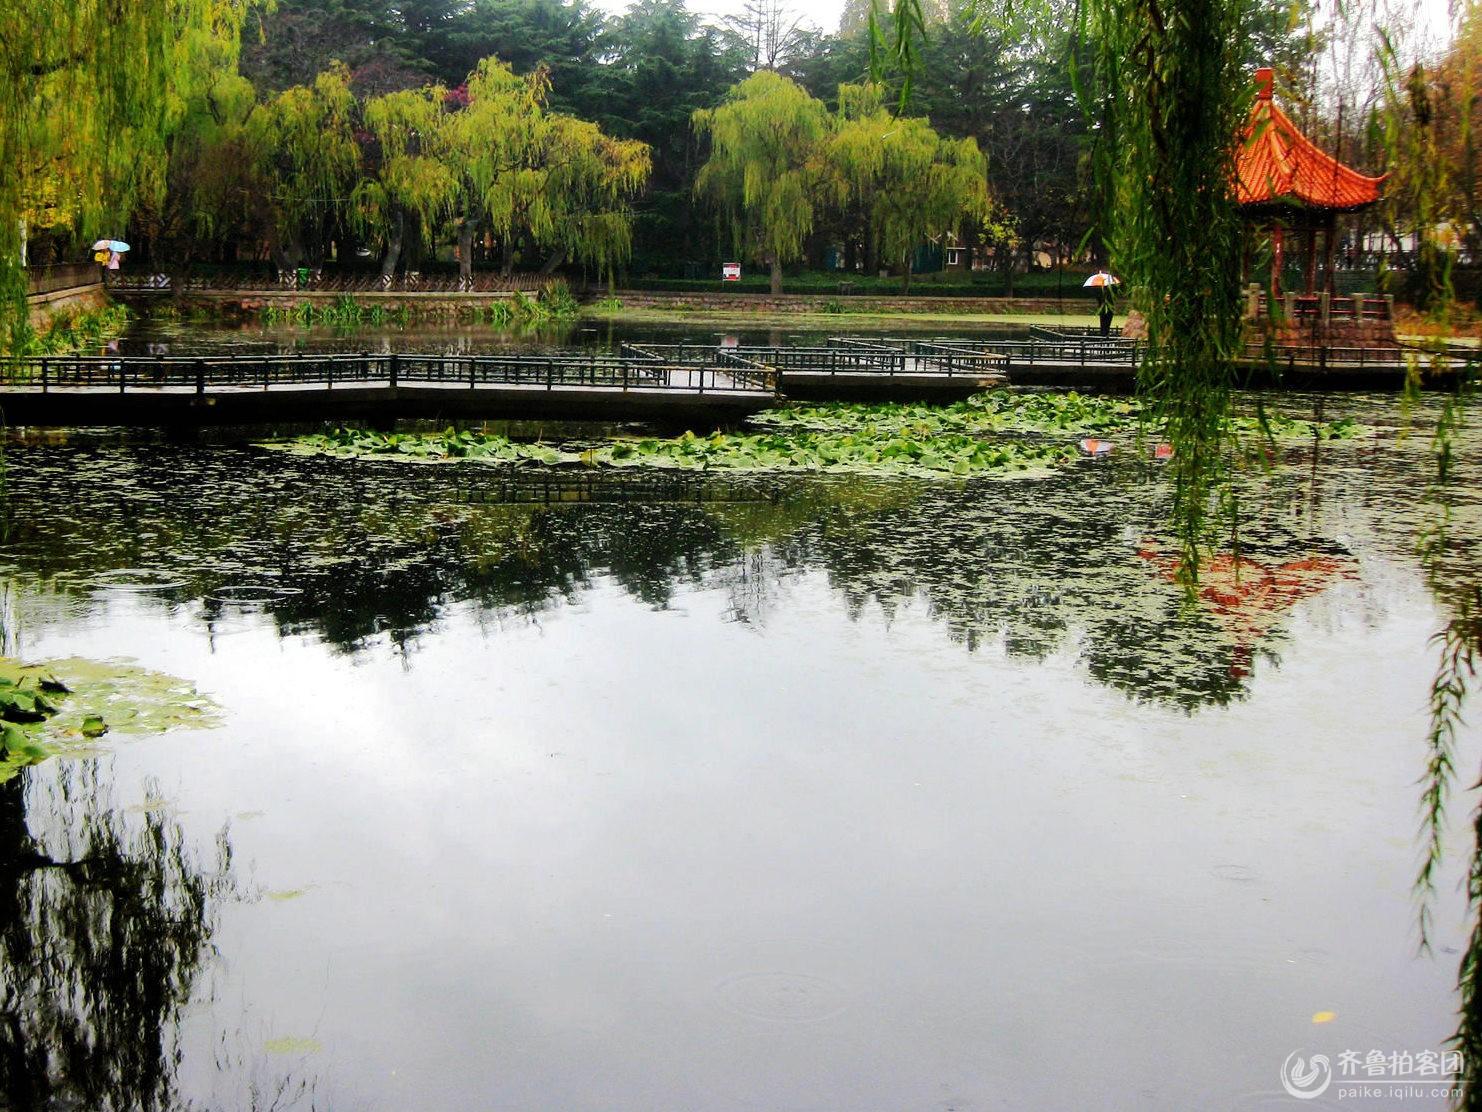 雨天公园景(8/8) 摄影 瞩远 - 青岛拍客 - 齐鲁社区